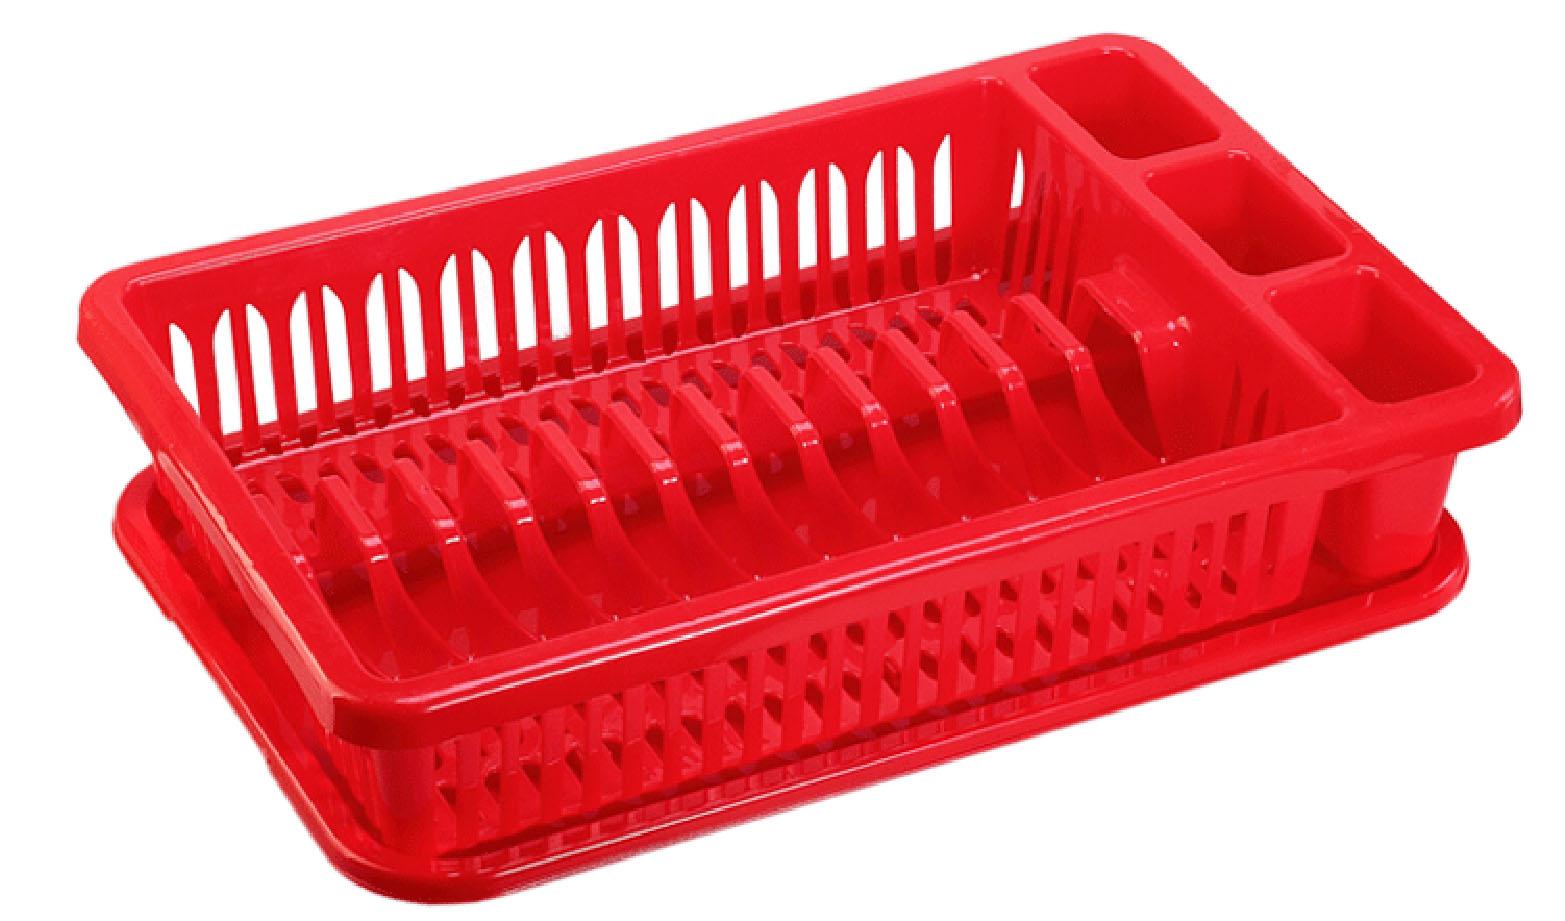 Сушилка для посуды Idea, с поддоном, цвет: красный, 43 х 28 х 9 см21395560Сушилка Idea, выполненная из прочного пластика, представляет собой решетку с ячейками, в которые помещается посуда: тарелки, кружки, ложки, ножи. Изделие оснащено пластиковым поддоном для стекания воды. Сушилку можно установить в любом удобном месте. На ней можно разместить большое количество предметов. Вместительные размеры и оригинальный дизайн выделяют эту сушку из ряда подобных.Размер сушилки: 43 х 28 х 9 см. Размер поддона: 42 х 28 х 1,8 см.